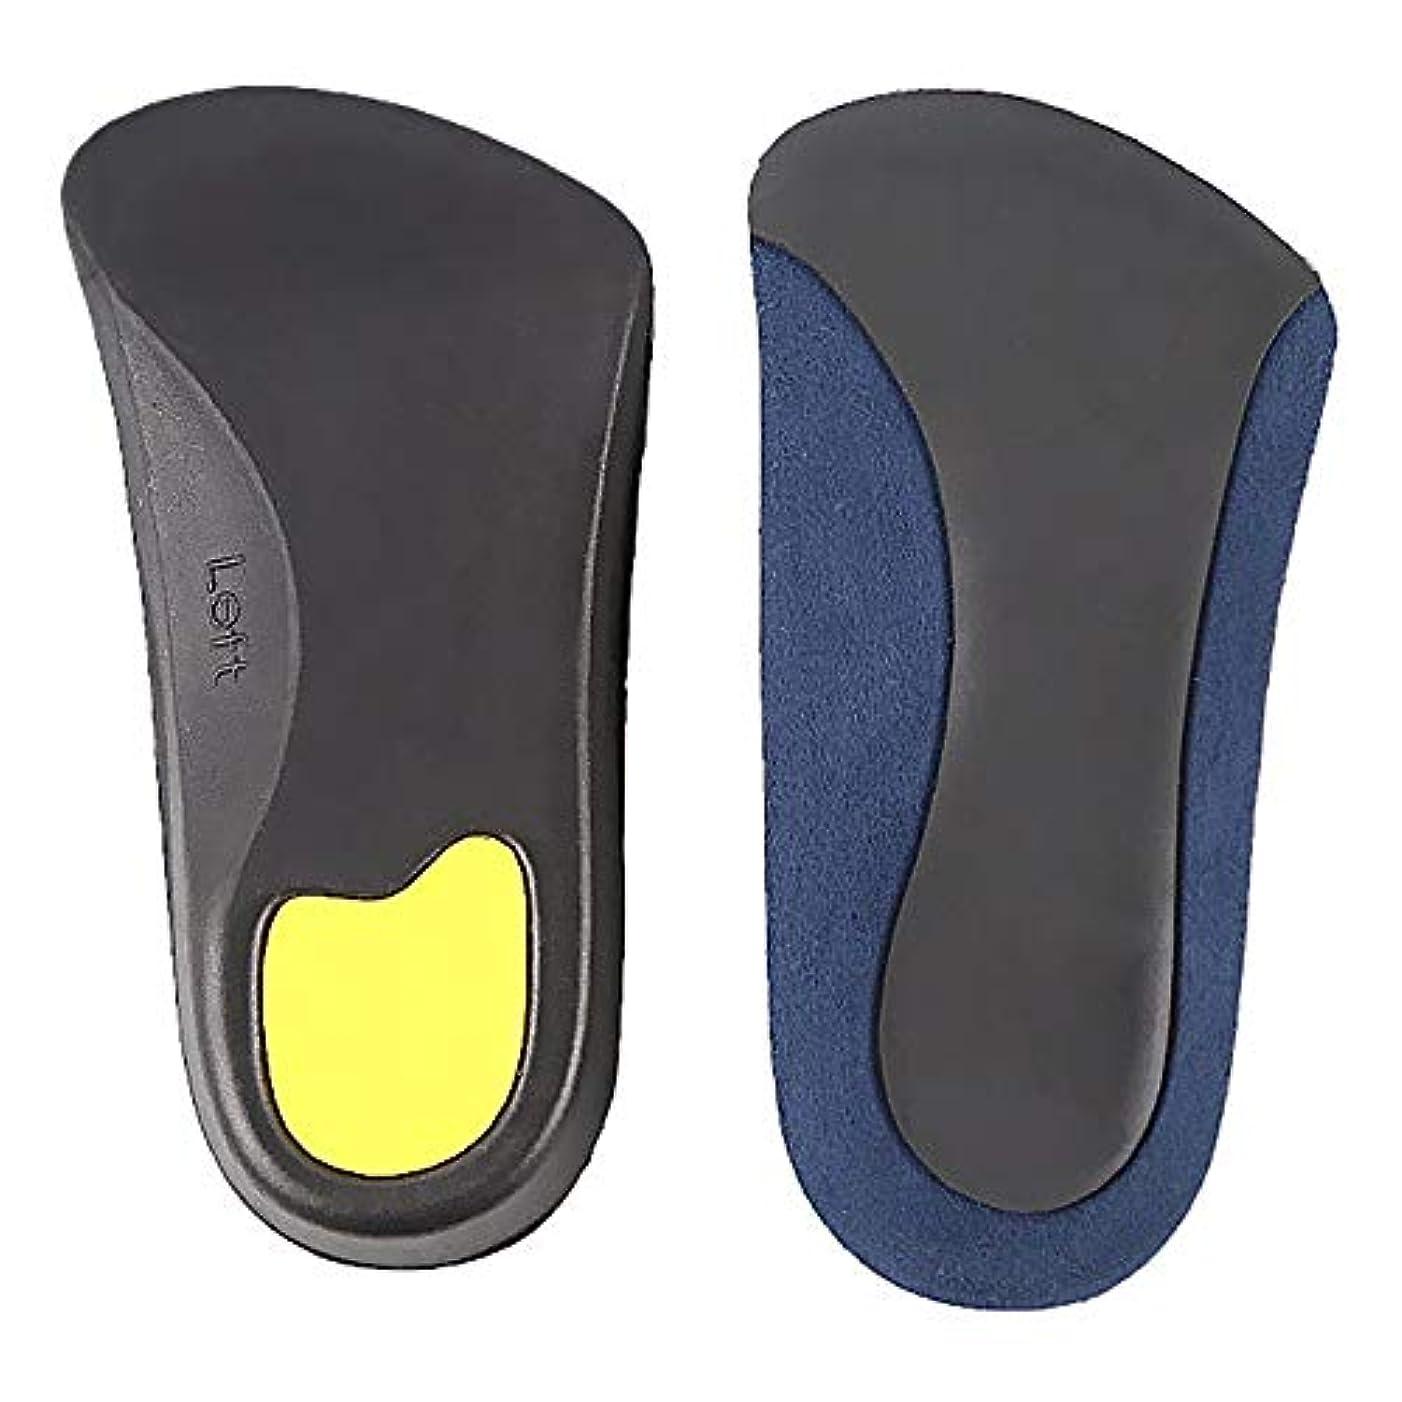 百万ネイティブ品揃え矯正インソールアーチサポートインソールトリートメントフラットフット足の痛みを和らげますフィットネス、ランニング、テニス用の通気性のある滑り止めアーチヒール,L